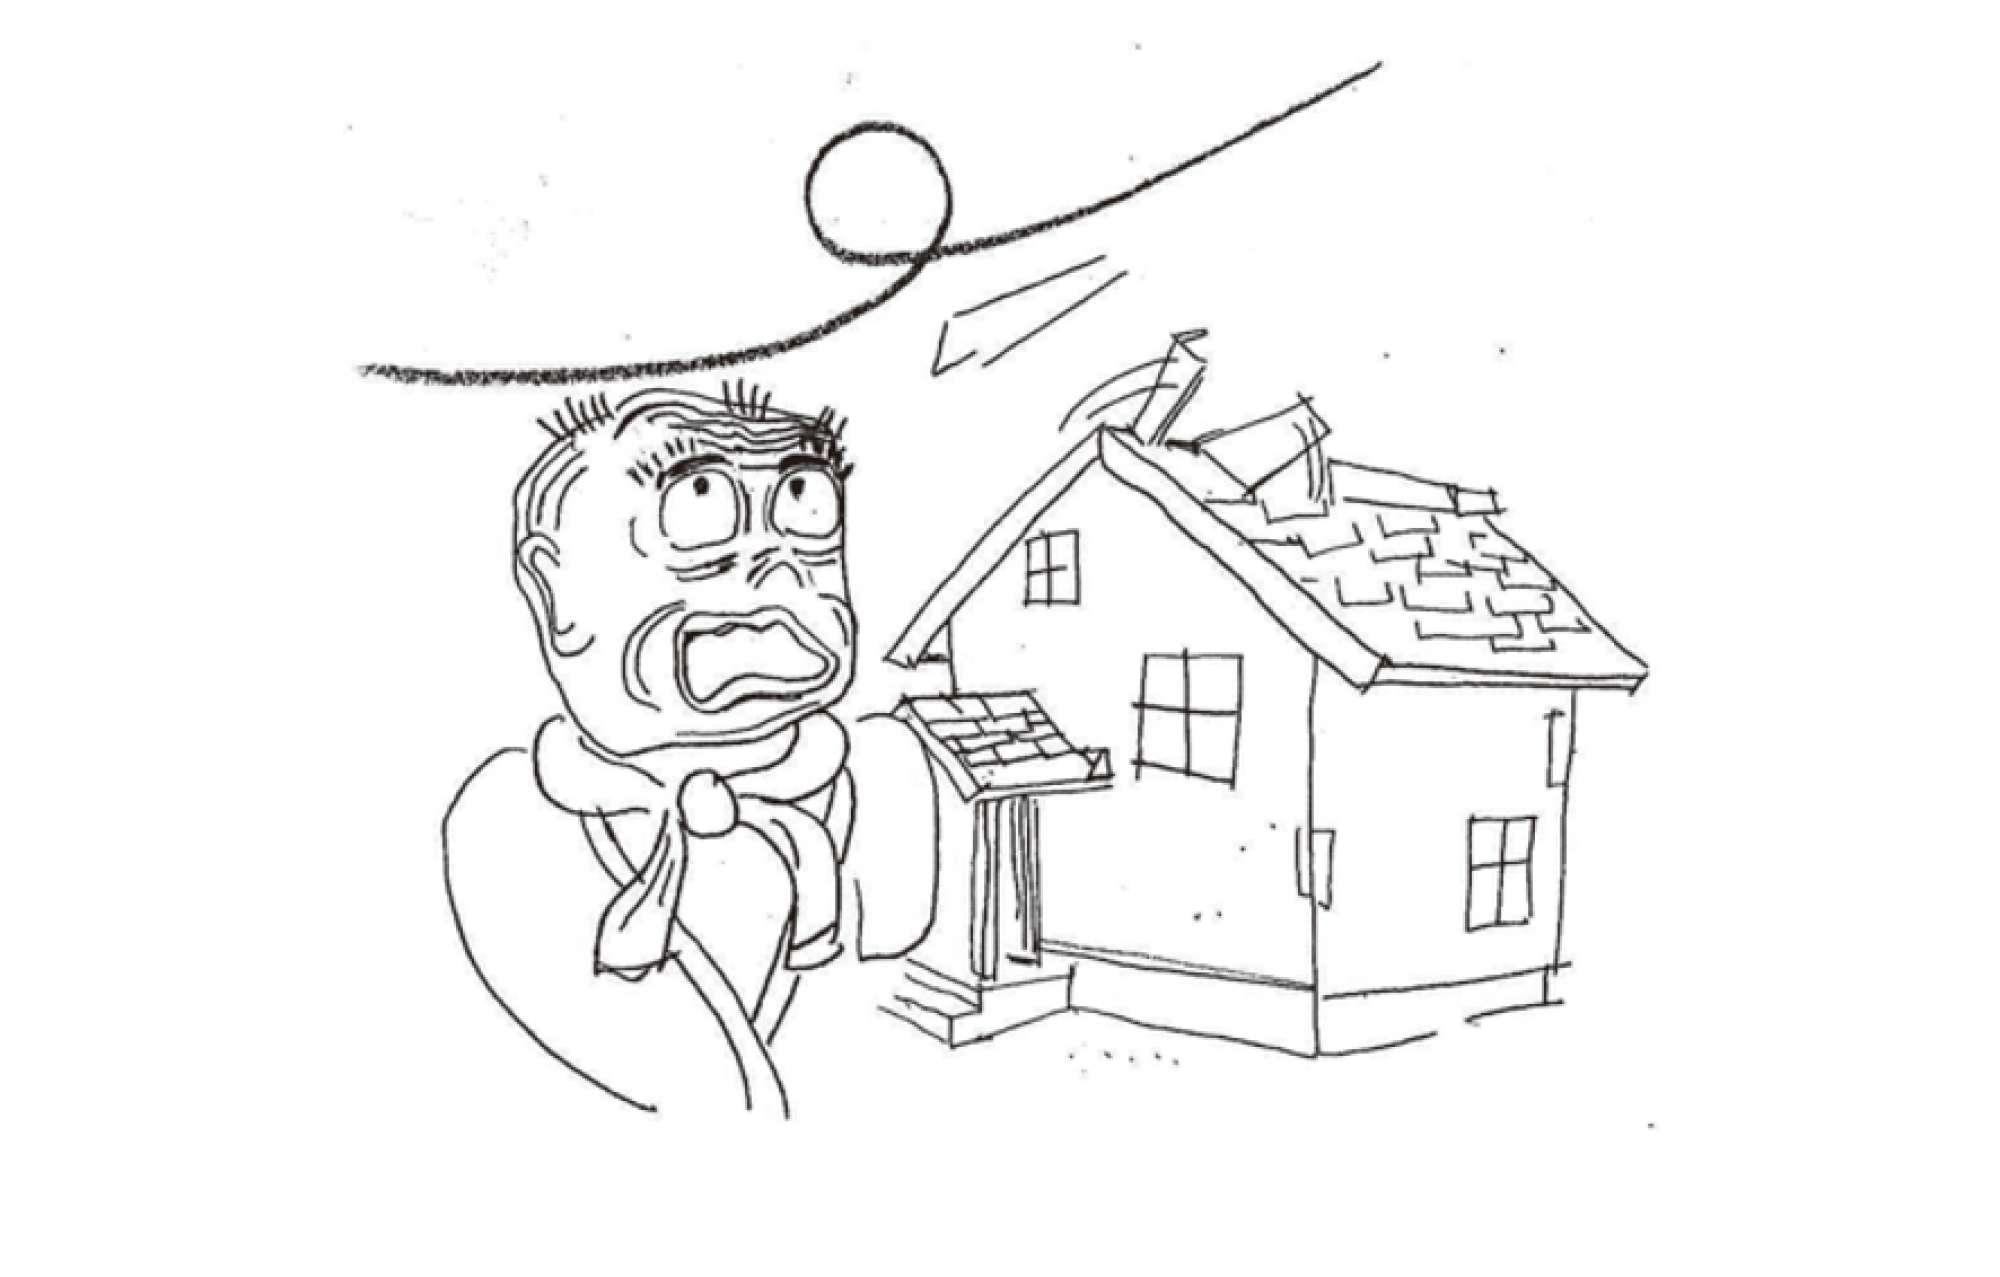 - ある風の強い日にお客様から「大変なんです! 変な音がしたので外に出てみると、屋根のてっぺんのトタンが剥がれかけて飛んでしまいそう!すぐに見に来て!」と電話が。急いで現地に向かい、まさに着いたそのとき、トタンが剥がれて落ちてきました。この住宅は築12年を過ぎていて、トタンを留めている釘も抜けかけて剥がれやすくなっている状態でした。これは大掛かりな足場を作って直さなければなりま せん。結局、半分以上のトタンが剥が れてしまった事件でしたが、なんと火災保険が適用になり、多少の免責はありましたが、お客様の負担はほとんどなく修繕を行うことができました。 (なお、剥がれたトタンが飛んで隣地の物を壊した場合、その保障には、火災保険ではなく賠償保険が必要になります。ご注意ください。)バンバ -  -